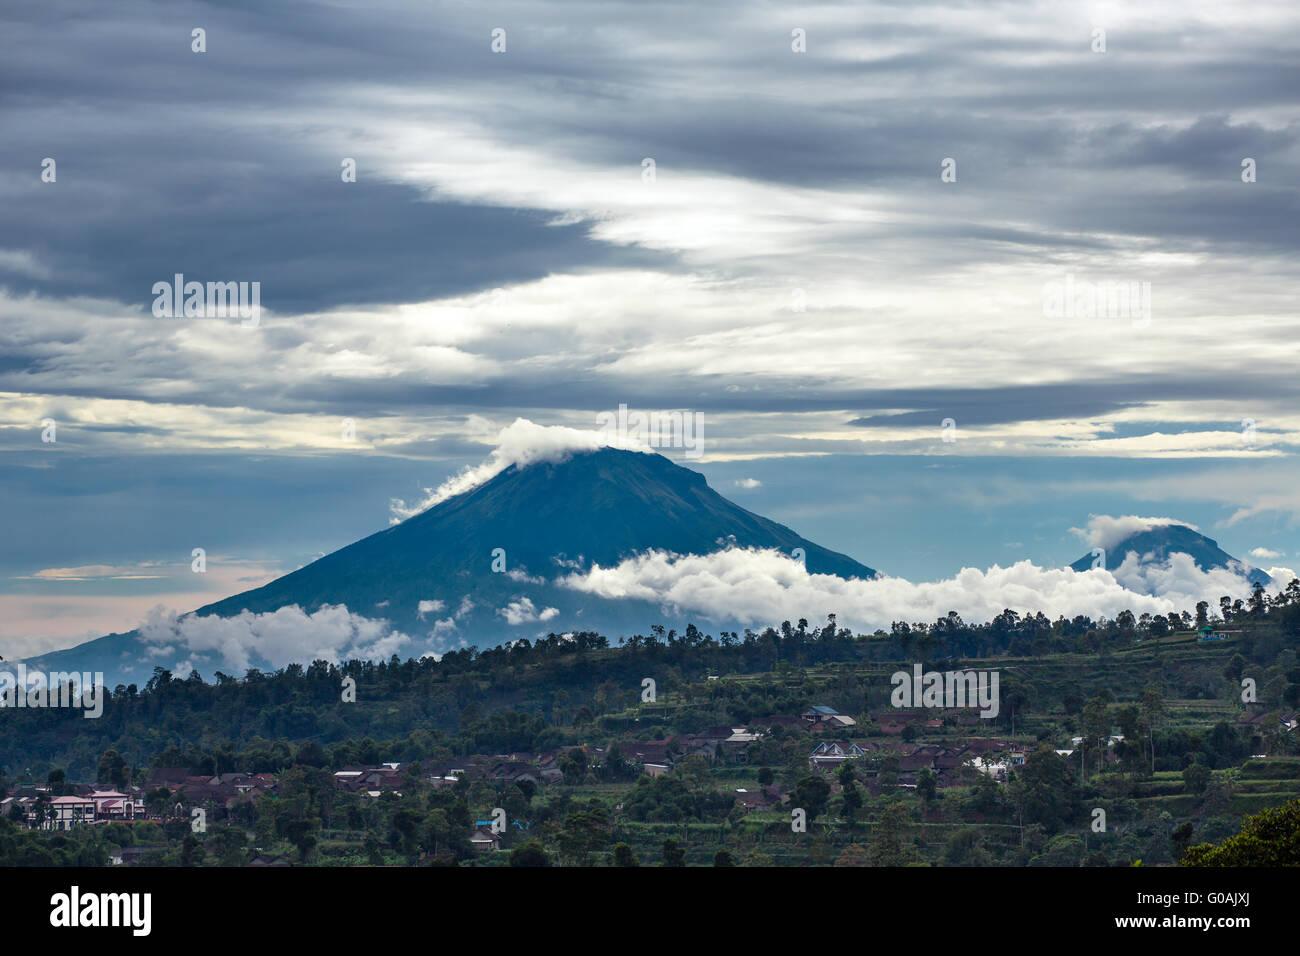 Gunung Sumbing and Sindoro volcanoes on Java, Indonesia - Stock Image